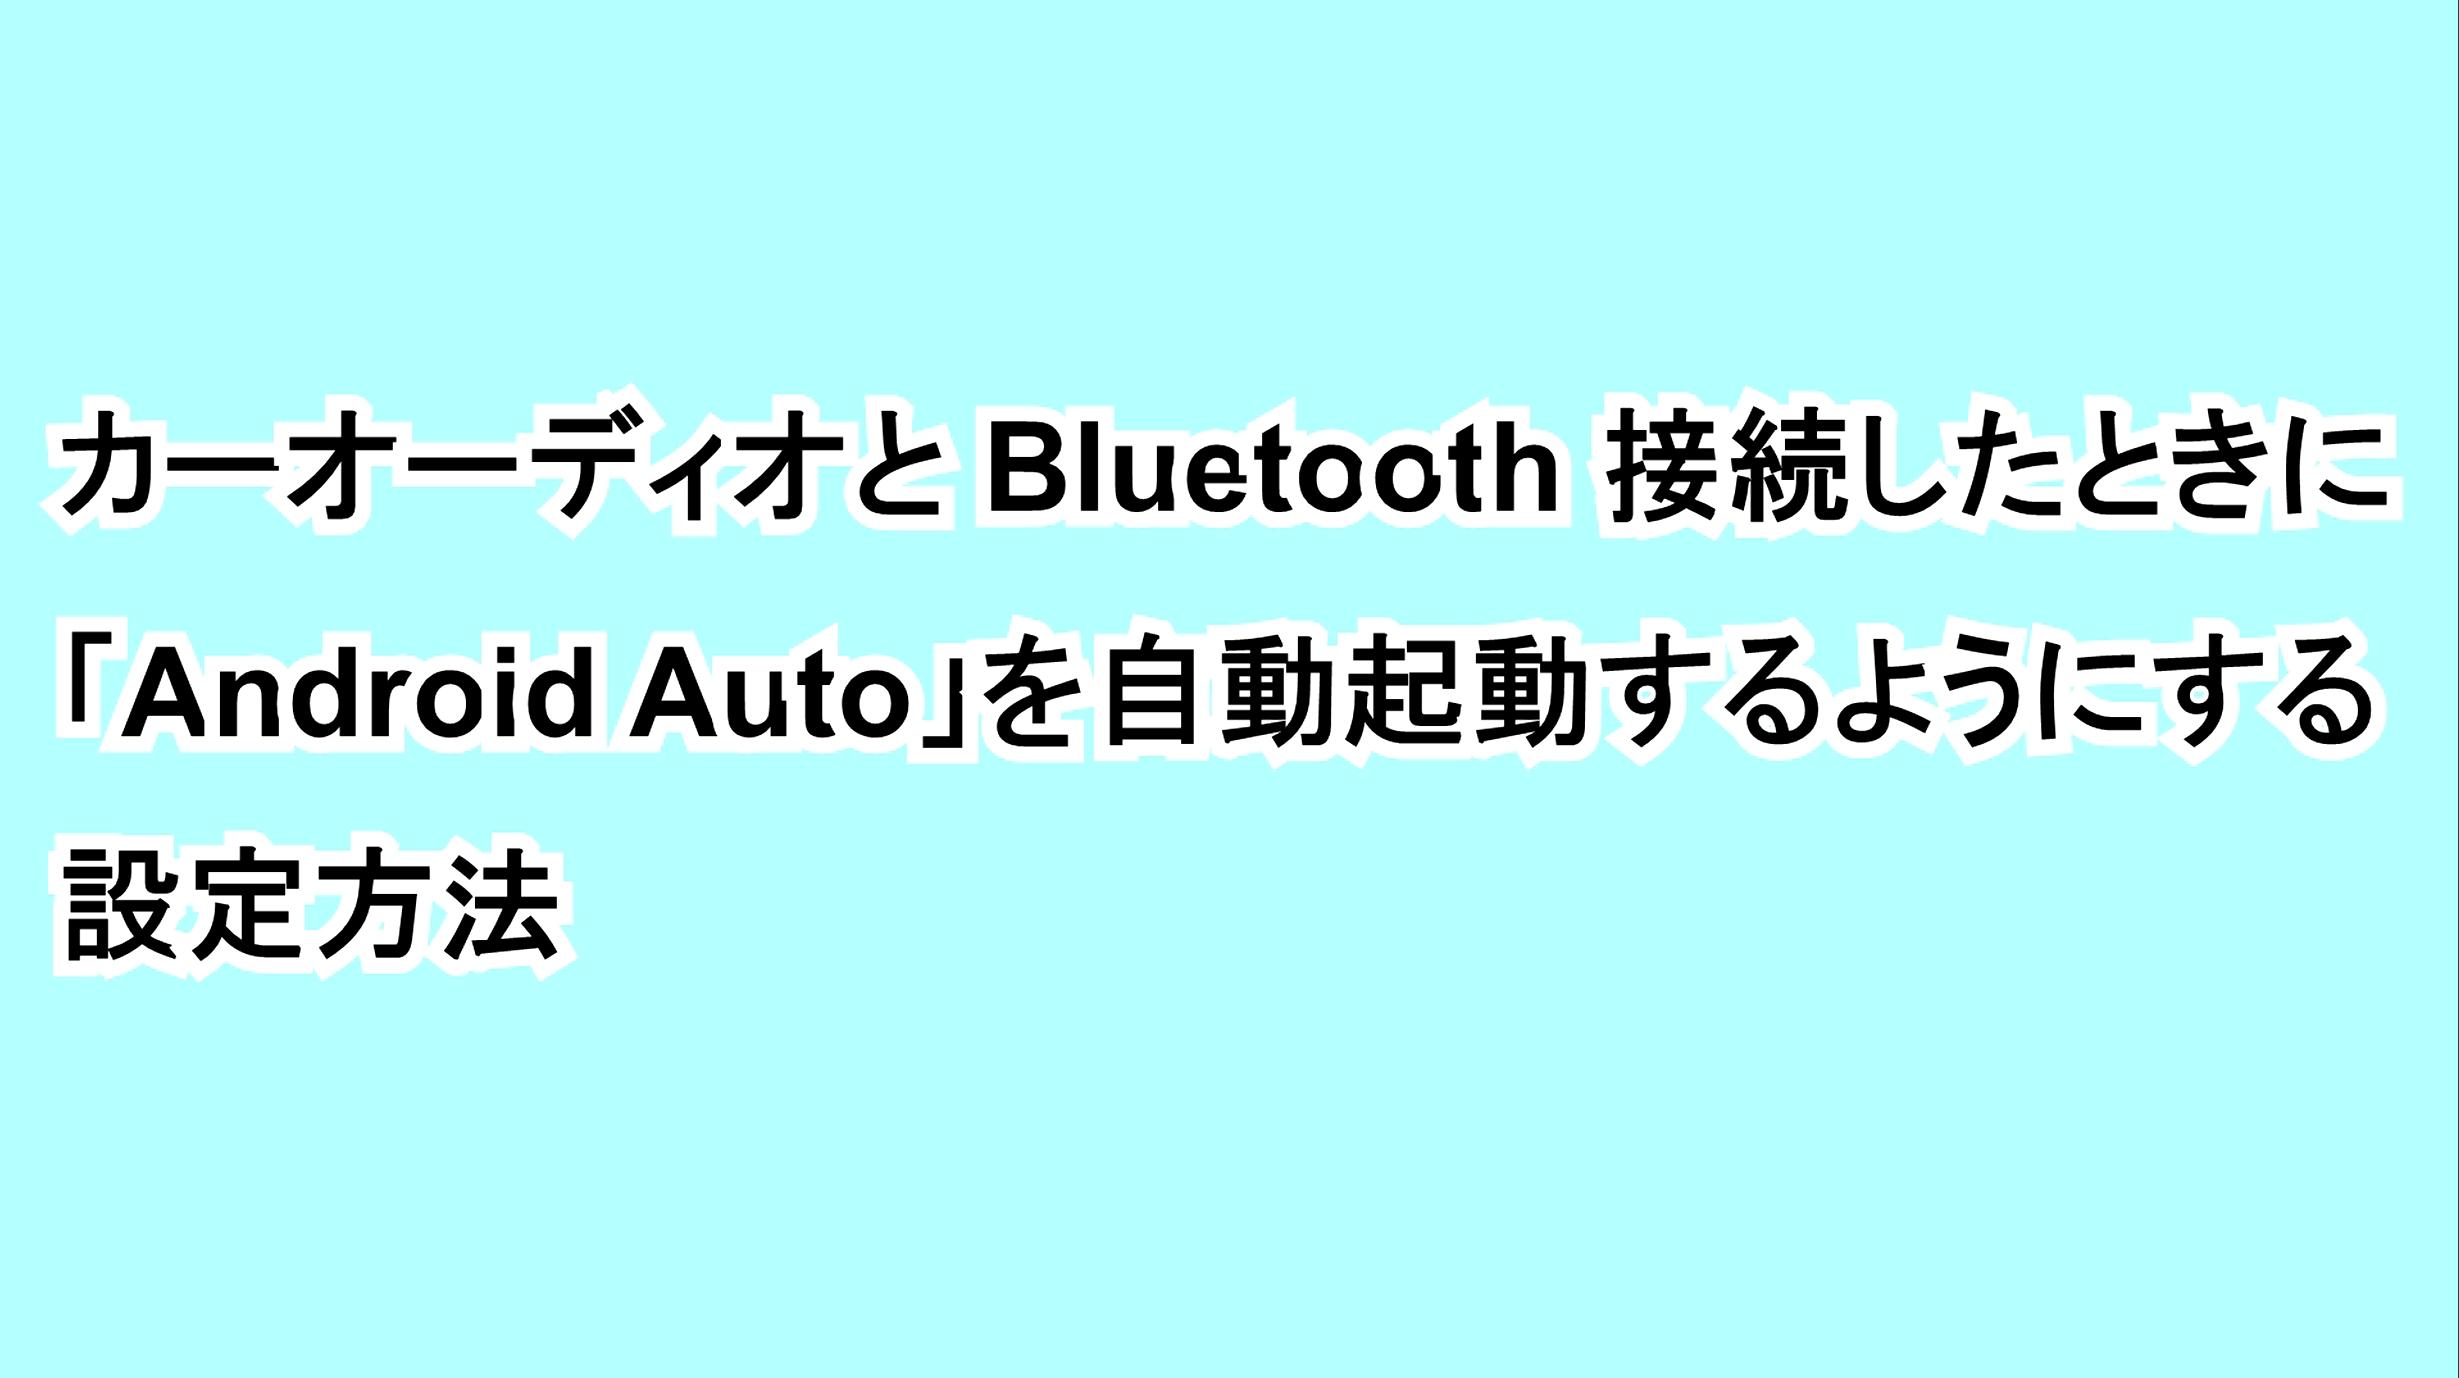 カーオーディオとBluetooth接続したときに「Android Auto」を自動起動するようにする設定方法